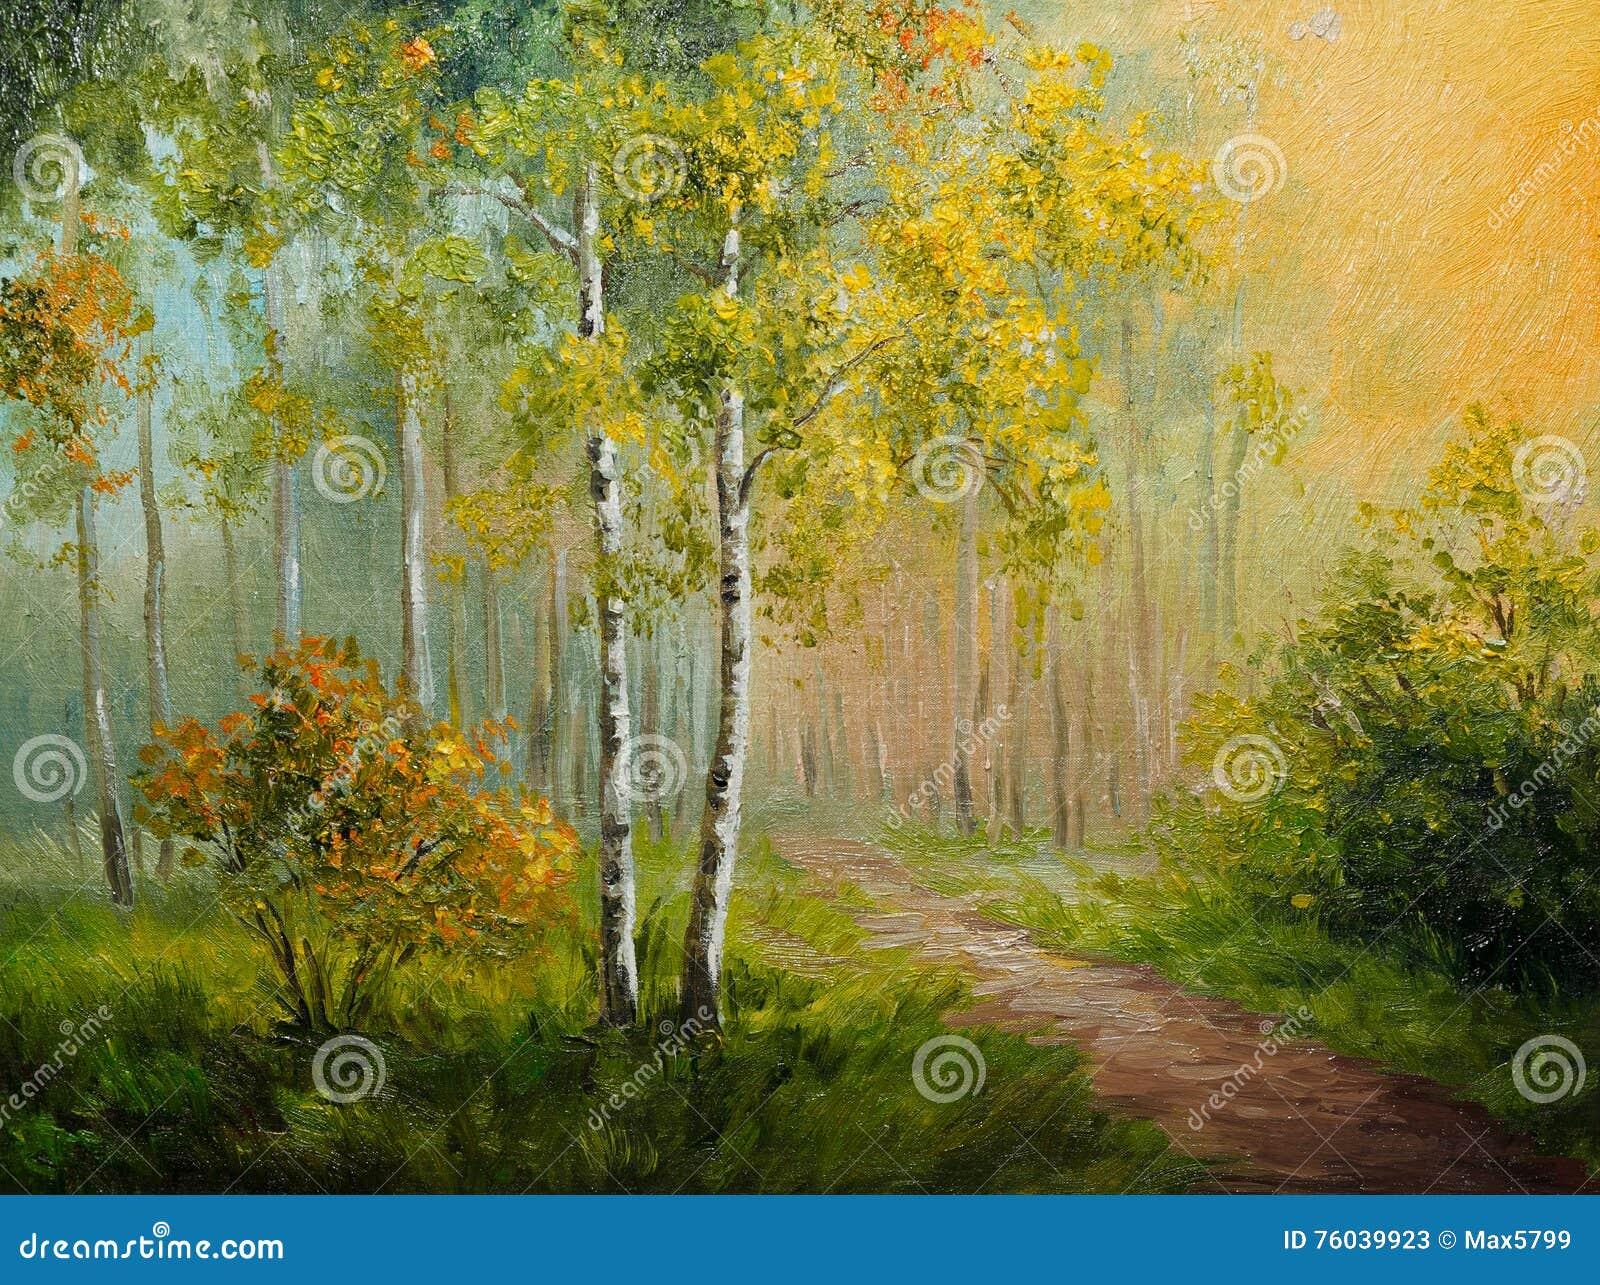 Obraz olejny na kanwie - brzoza las, abstrakcjonistyczny rysunek